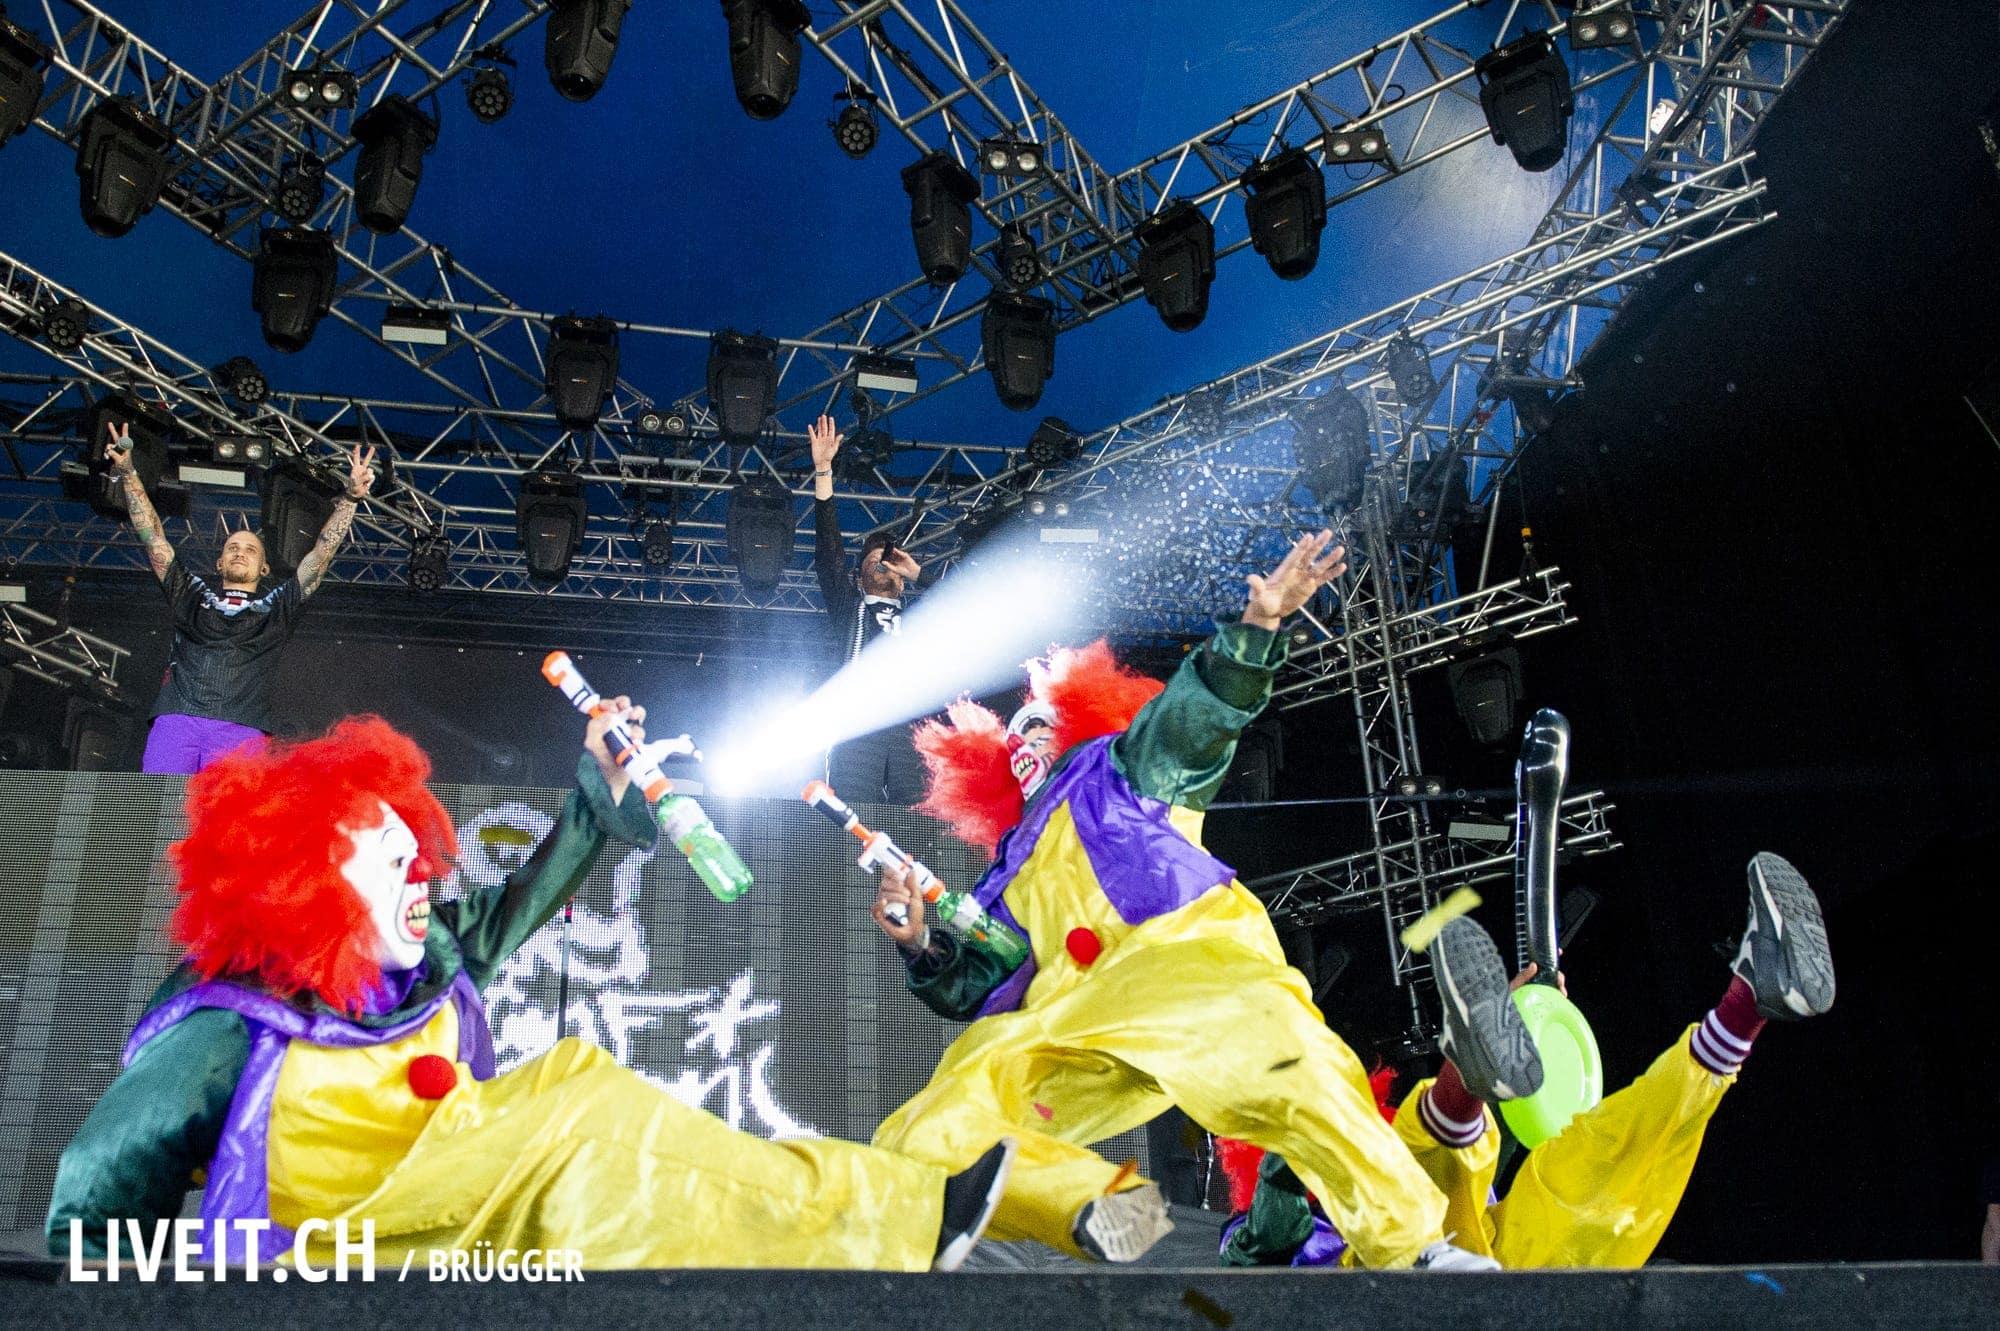 257ers Gurtenfestival 2018 in Bern. (Dominic Bruegger for Gurtenfestival)